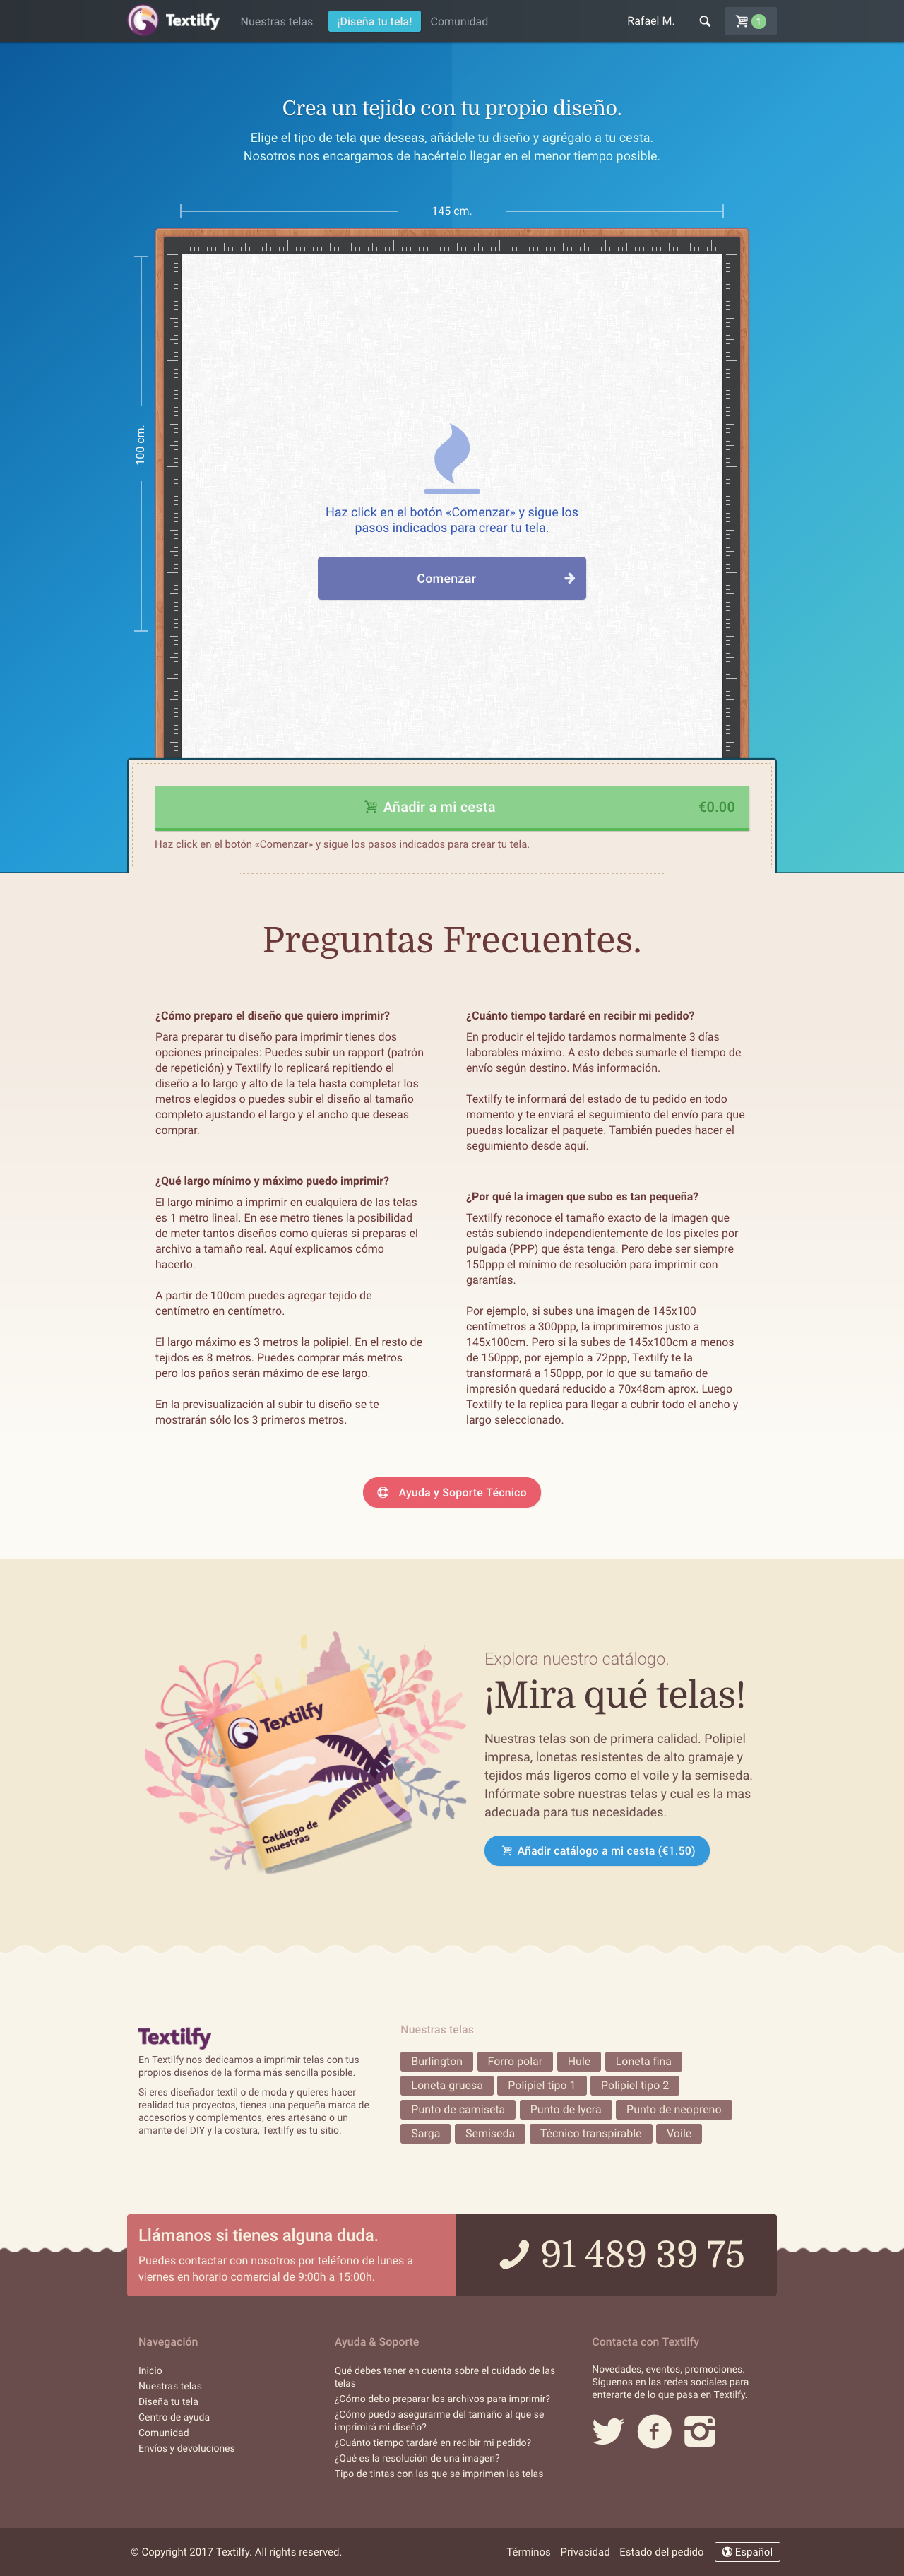 2017 01 04 13 45 textilfy.es